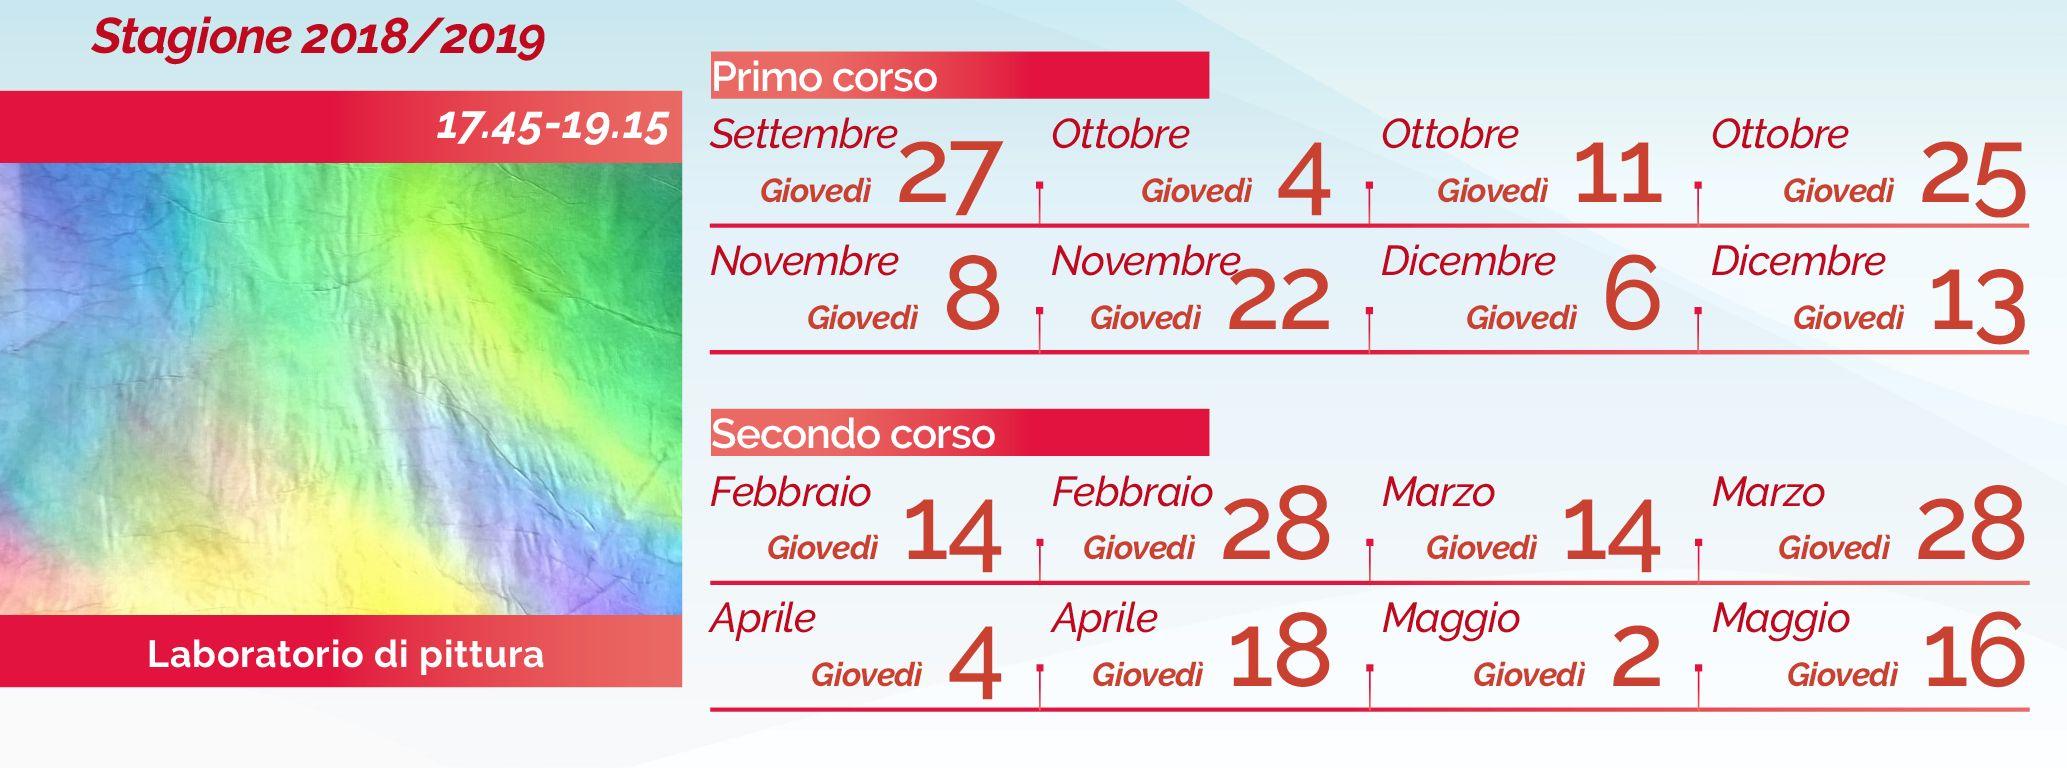 Il calendario 2018-2019 di Laura Lombardi e il laboratorio di pittura